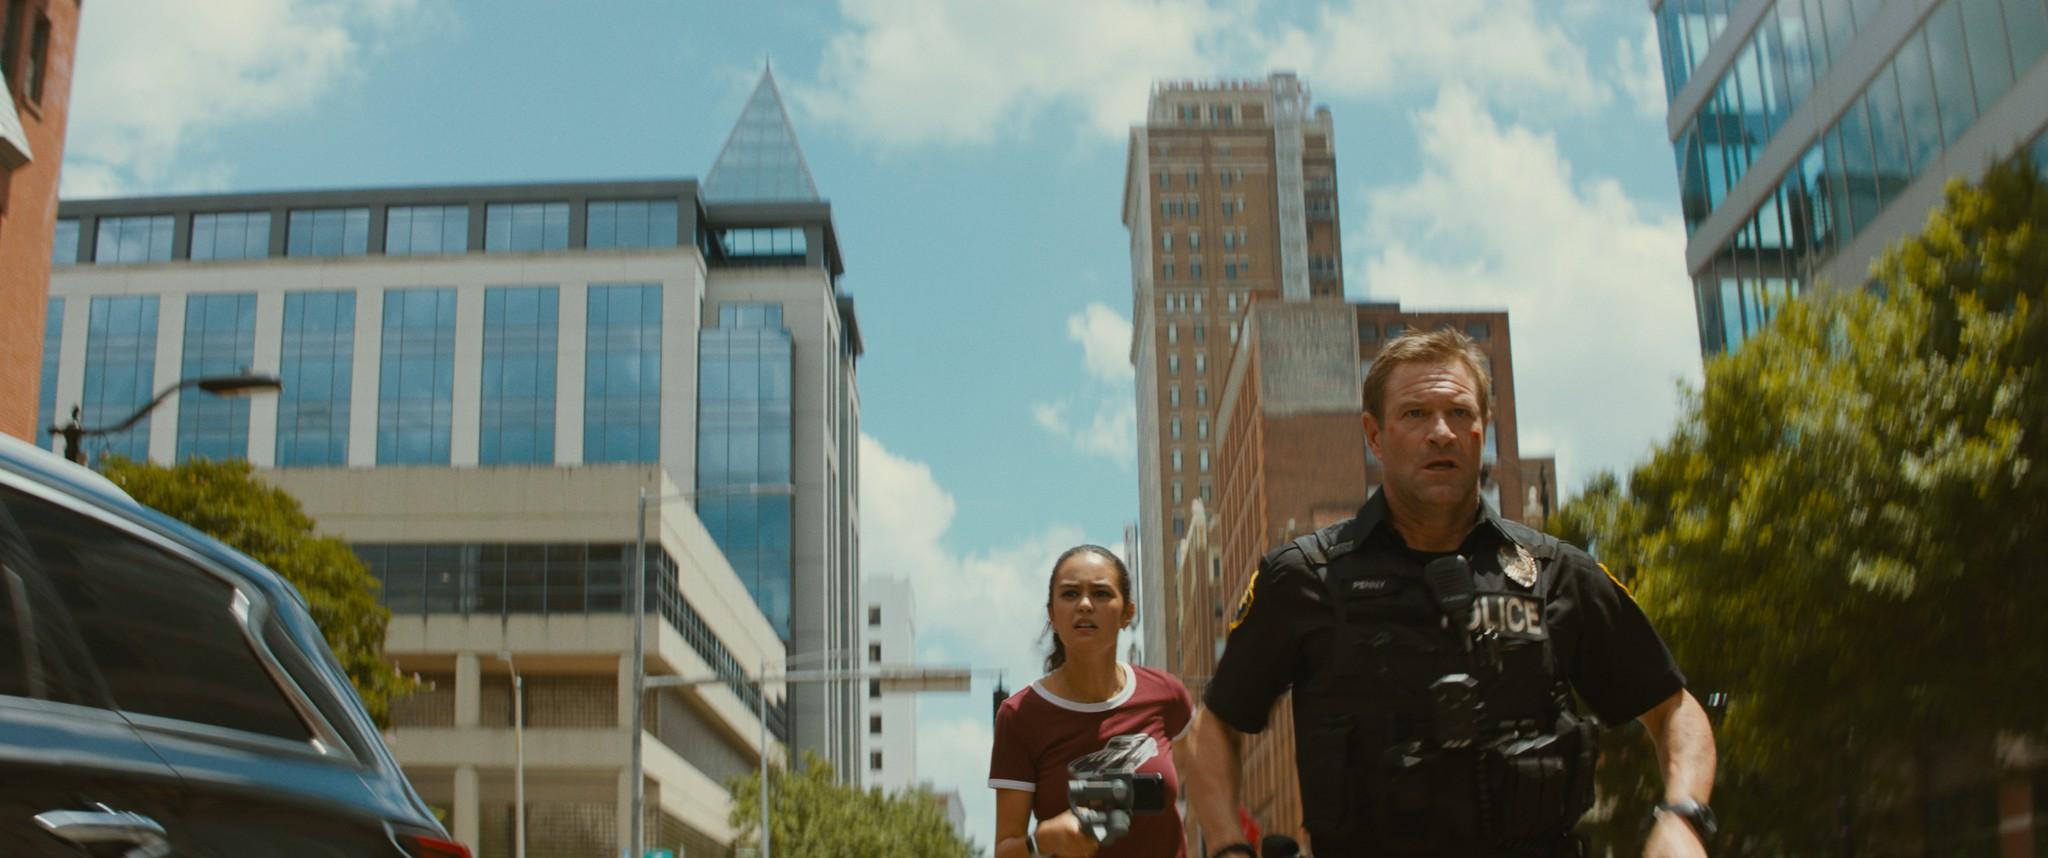 亞倫艾克哈特為《絕命直播》豁出去,動作戲親身上陣,連懸掛三層樓高的直升機打鬥係都是來真的